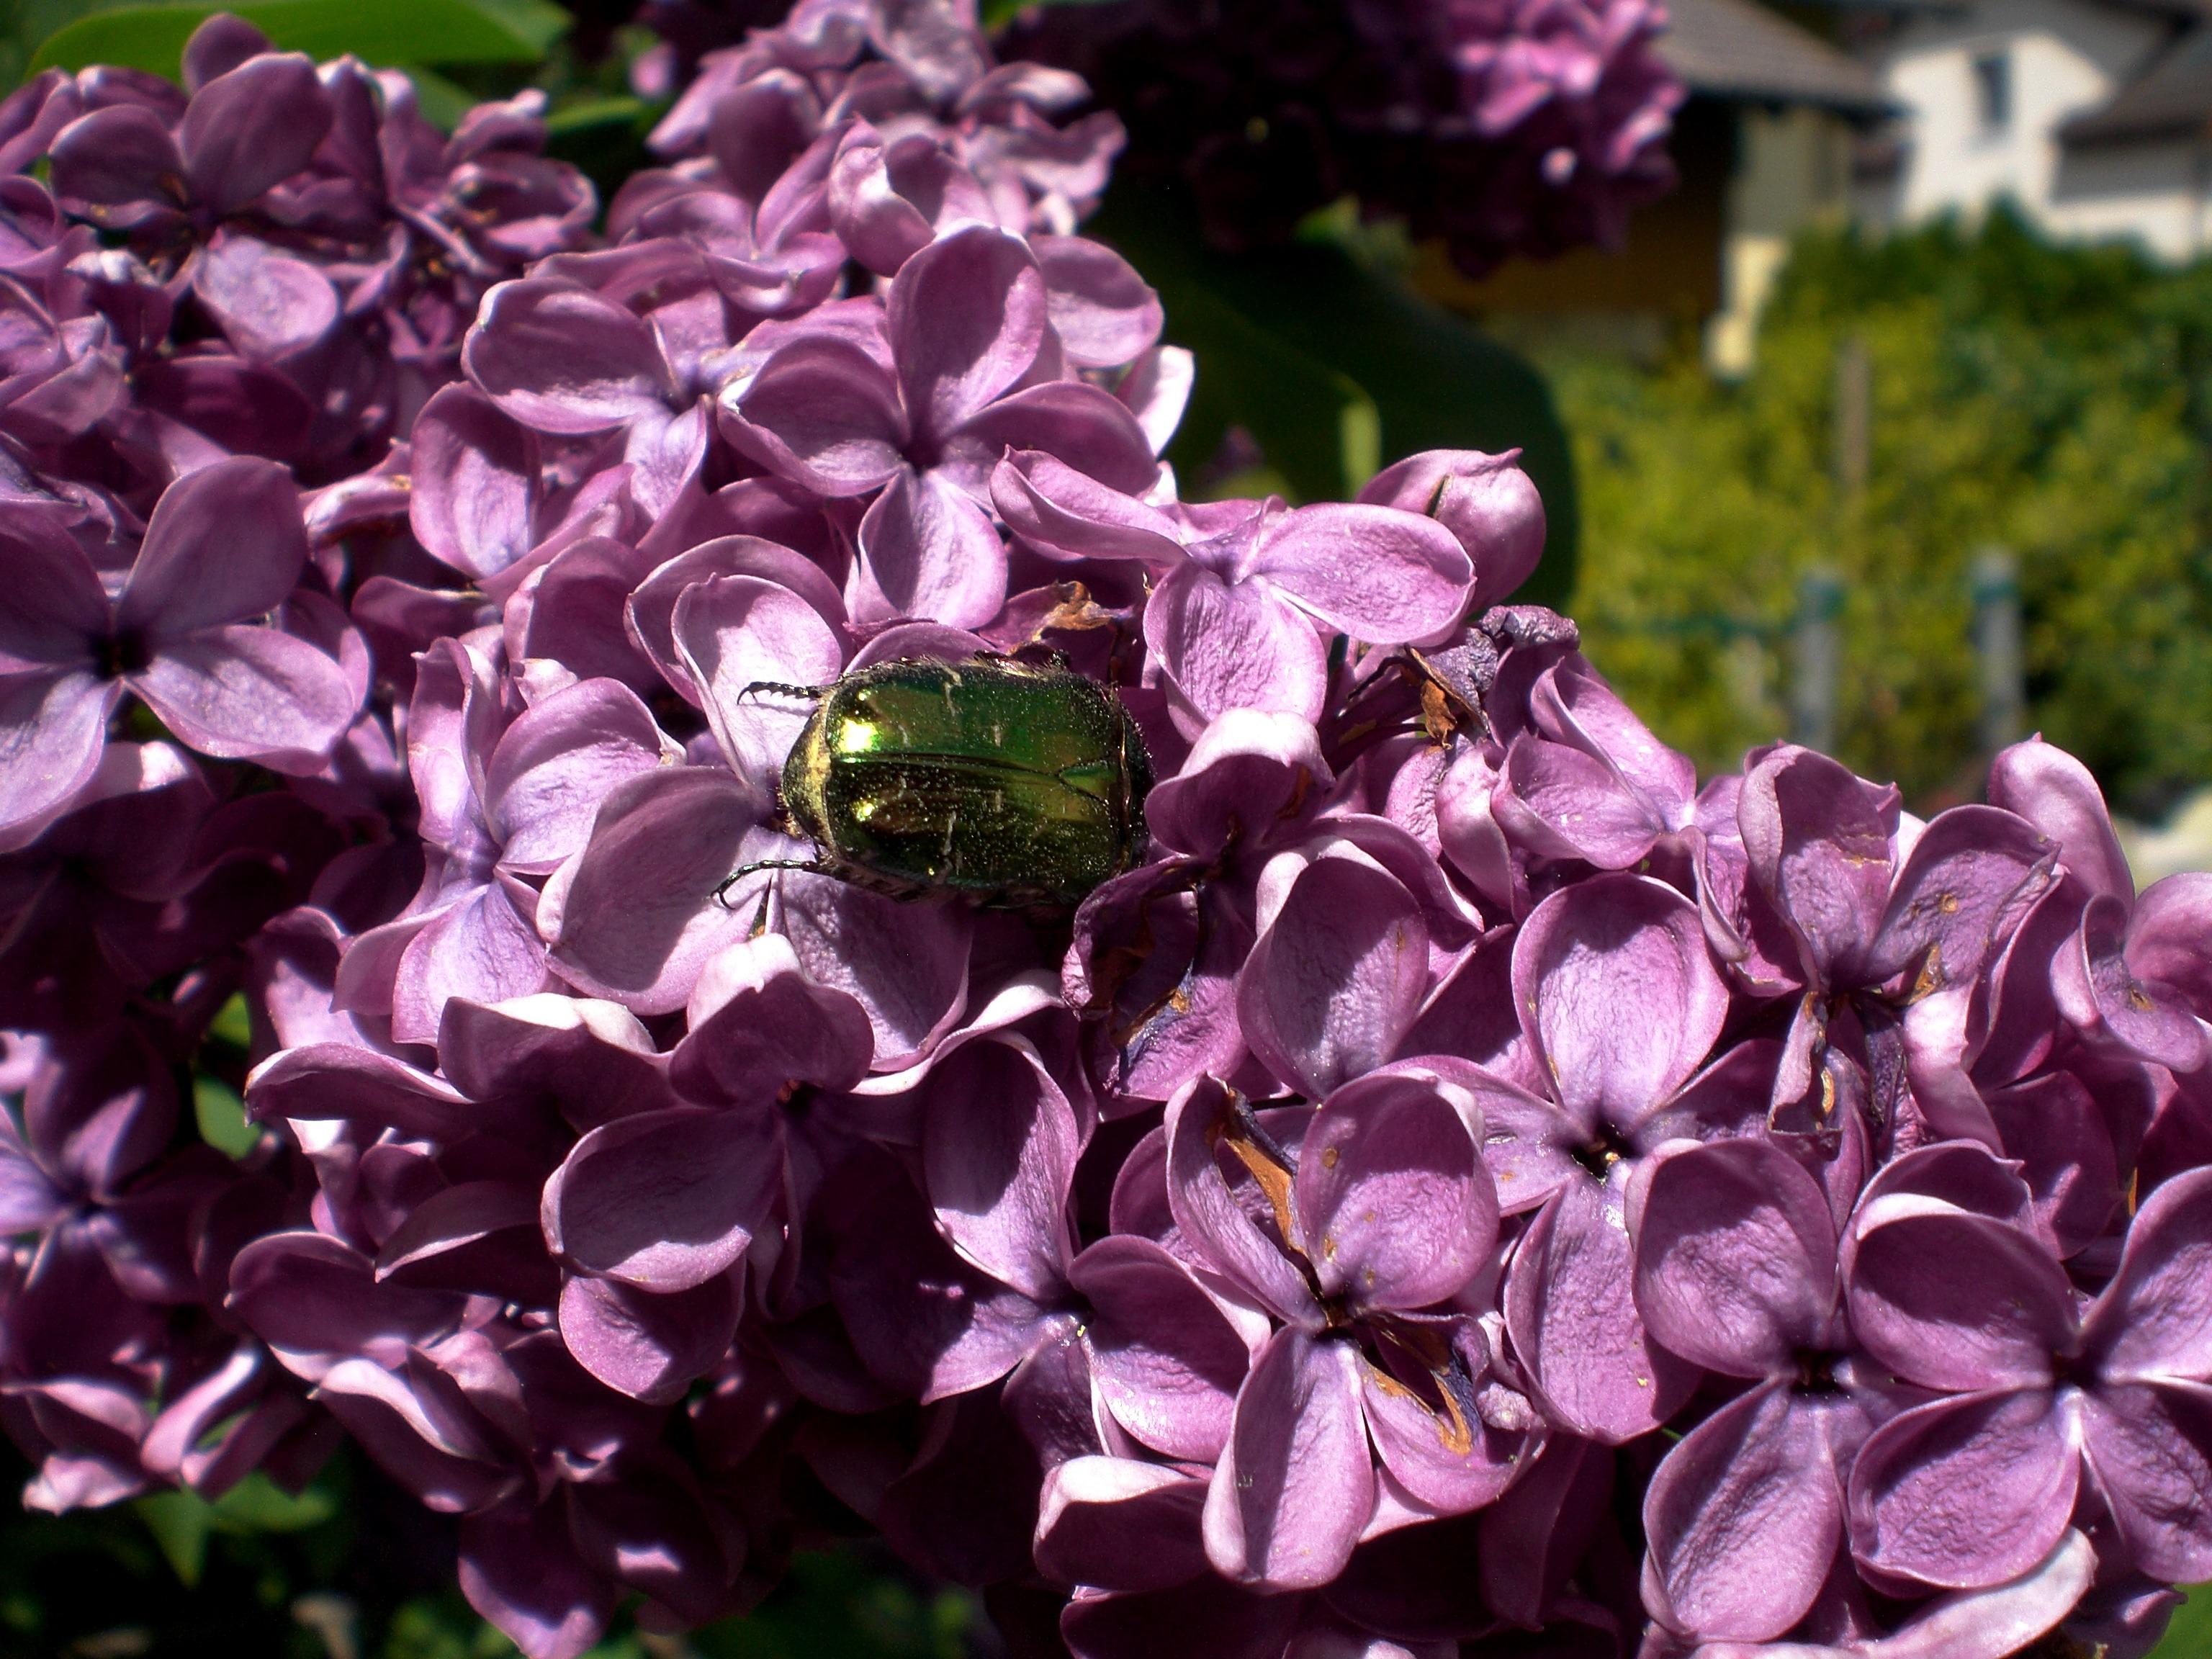 images gratuites : la nature, fleur, violet, pétale, animal, vert